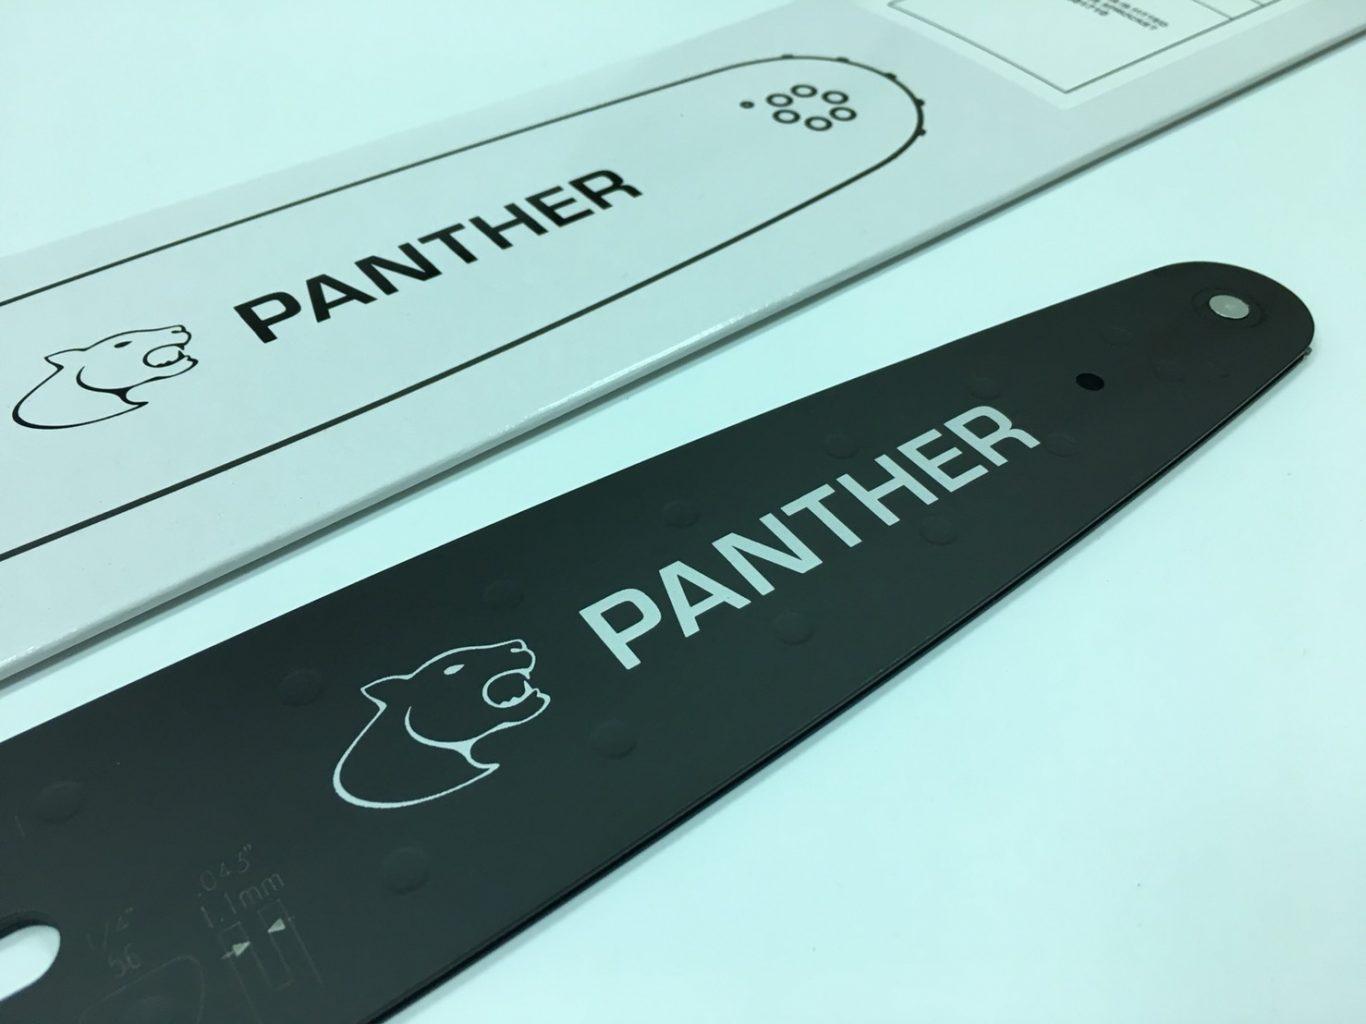 """[HUSKY0] E08-D2-42K-CV-1 [HUSQVARNA] [536Li and T536Li Must Have 1/4 Drive Sprocket Fitted] 8""""[20cm] Panther Mini Husky T525, 536Li, T536Li XP 1/4 .043 50 drive links"""